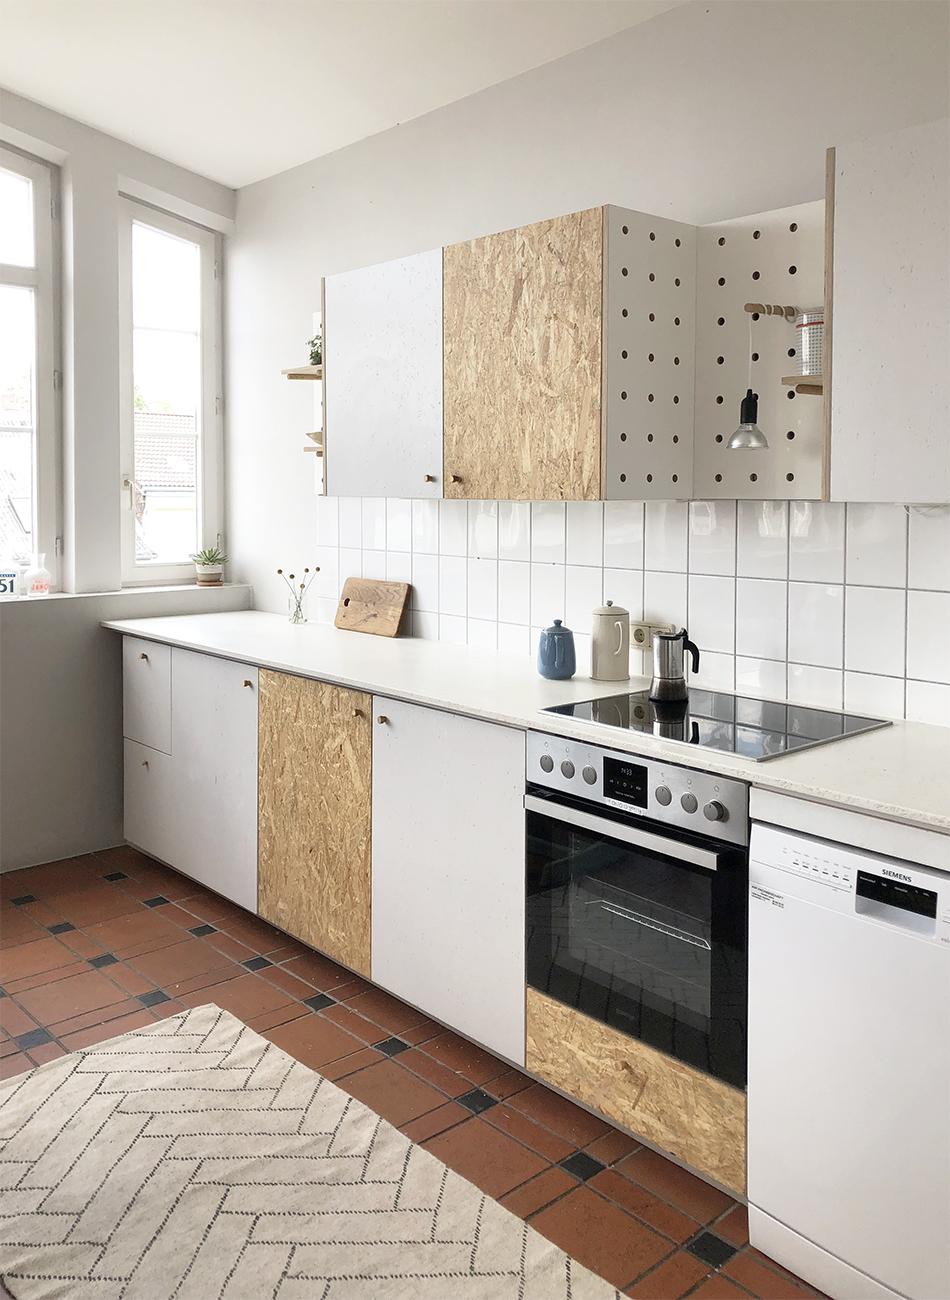 reformierte Küche aus Küchenmöbeln mit gestrichenen und rohen Holzoberflächen